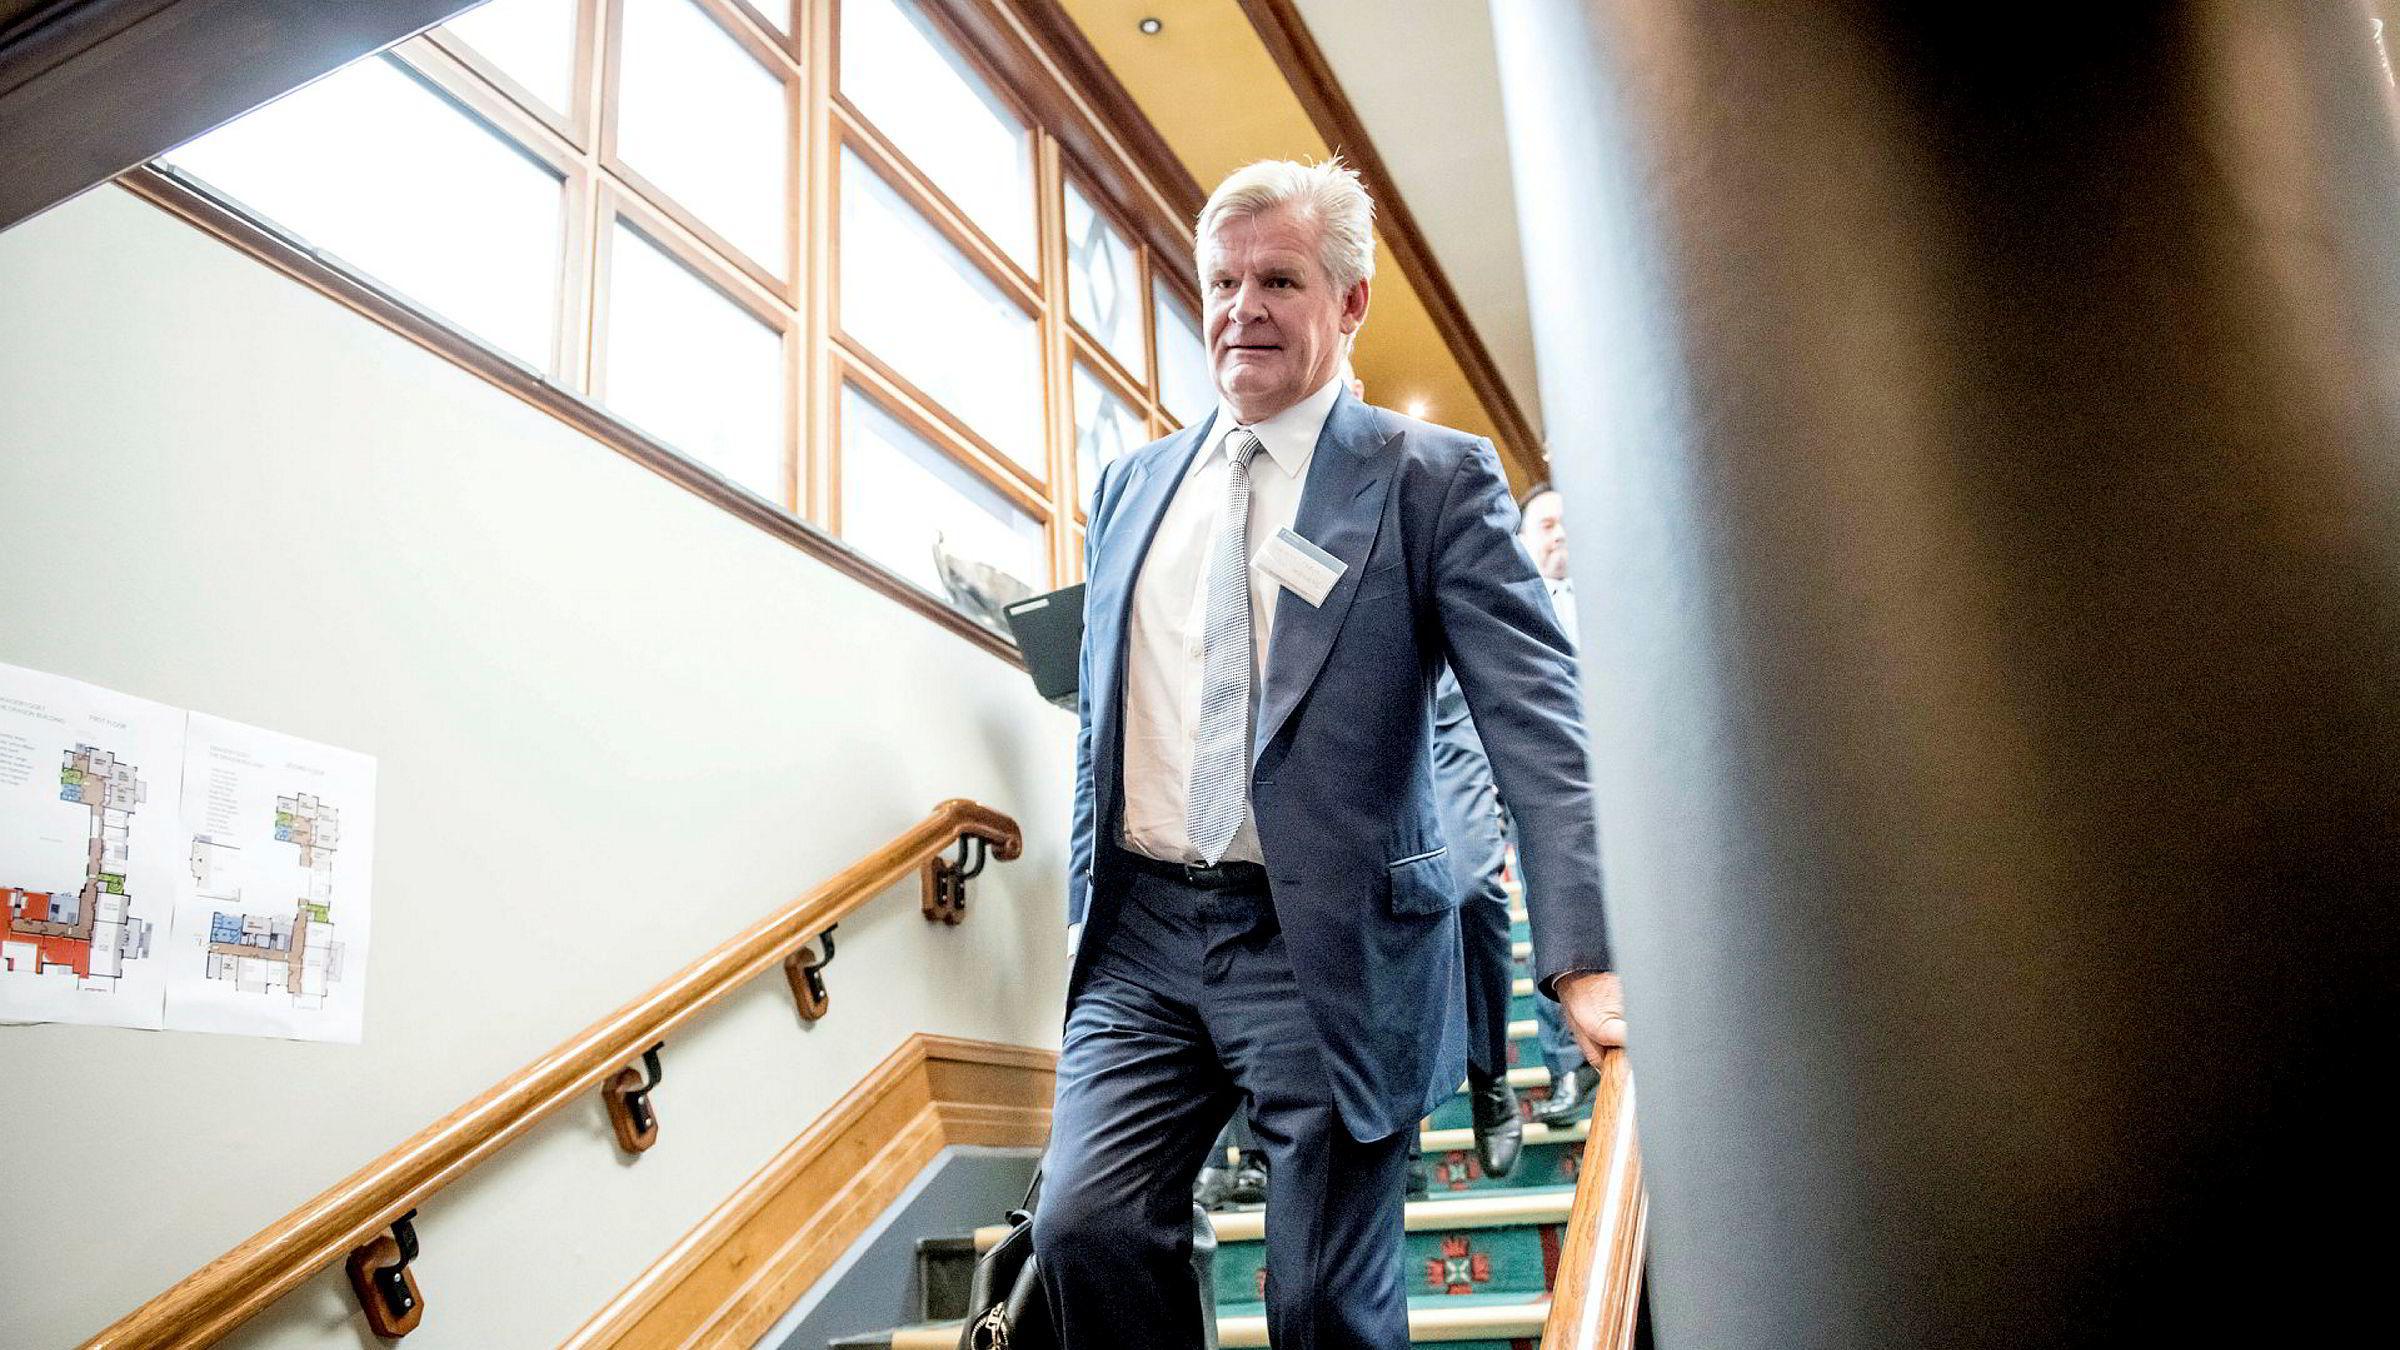 Tor Olav Trøims ambisjon i 2018 var at Borr Drilling skulle betale utbytte innen 2020.